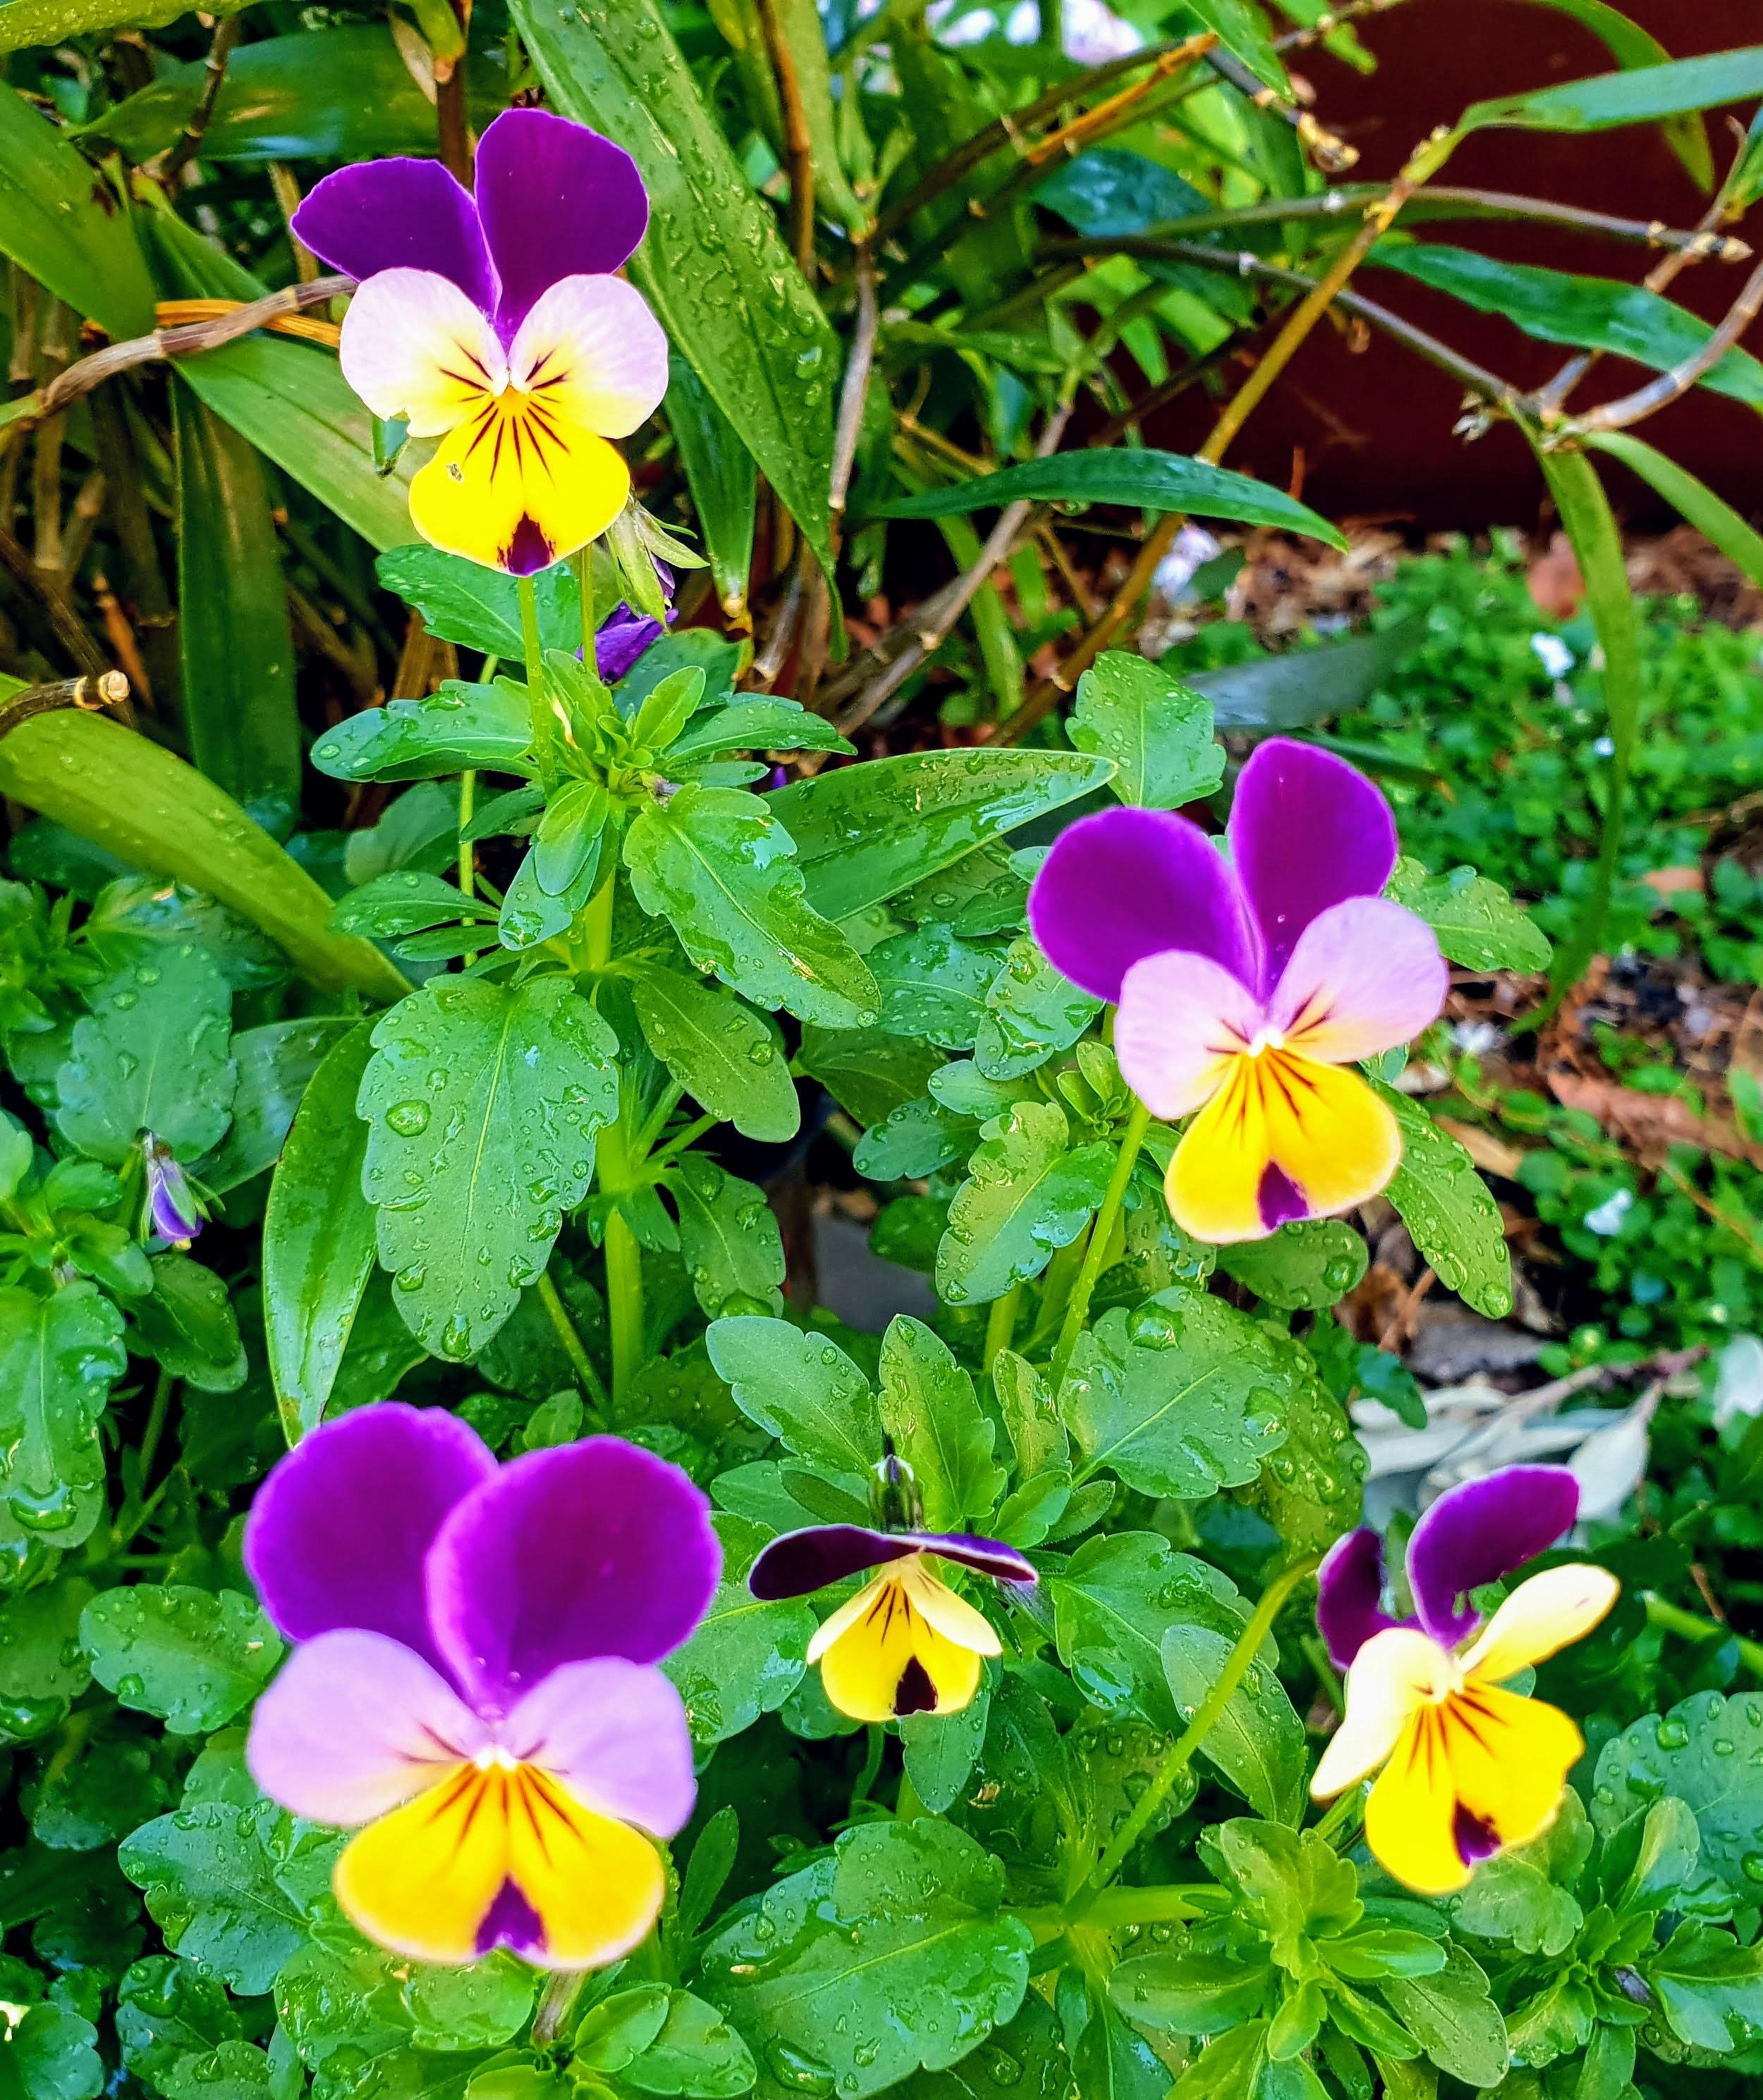 Foto Stok Gratis Tentang Bunga Bunga Cantik Bunga Bunga Indah